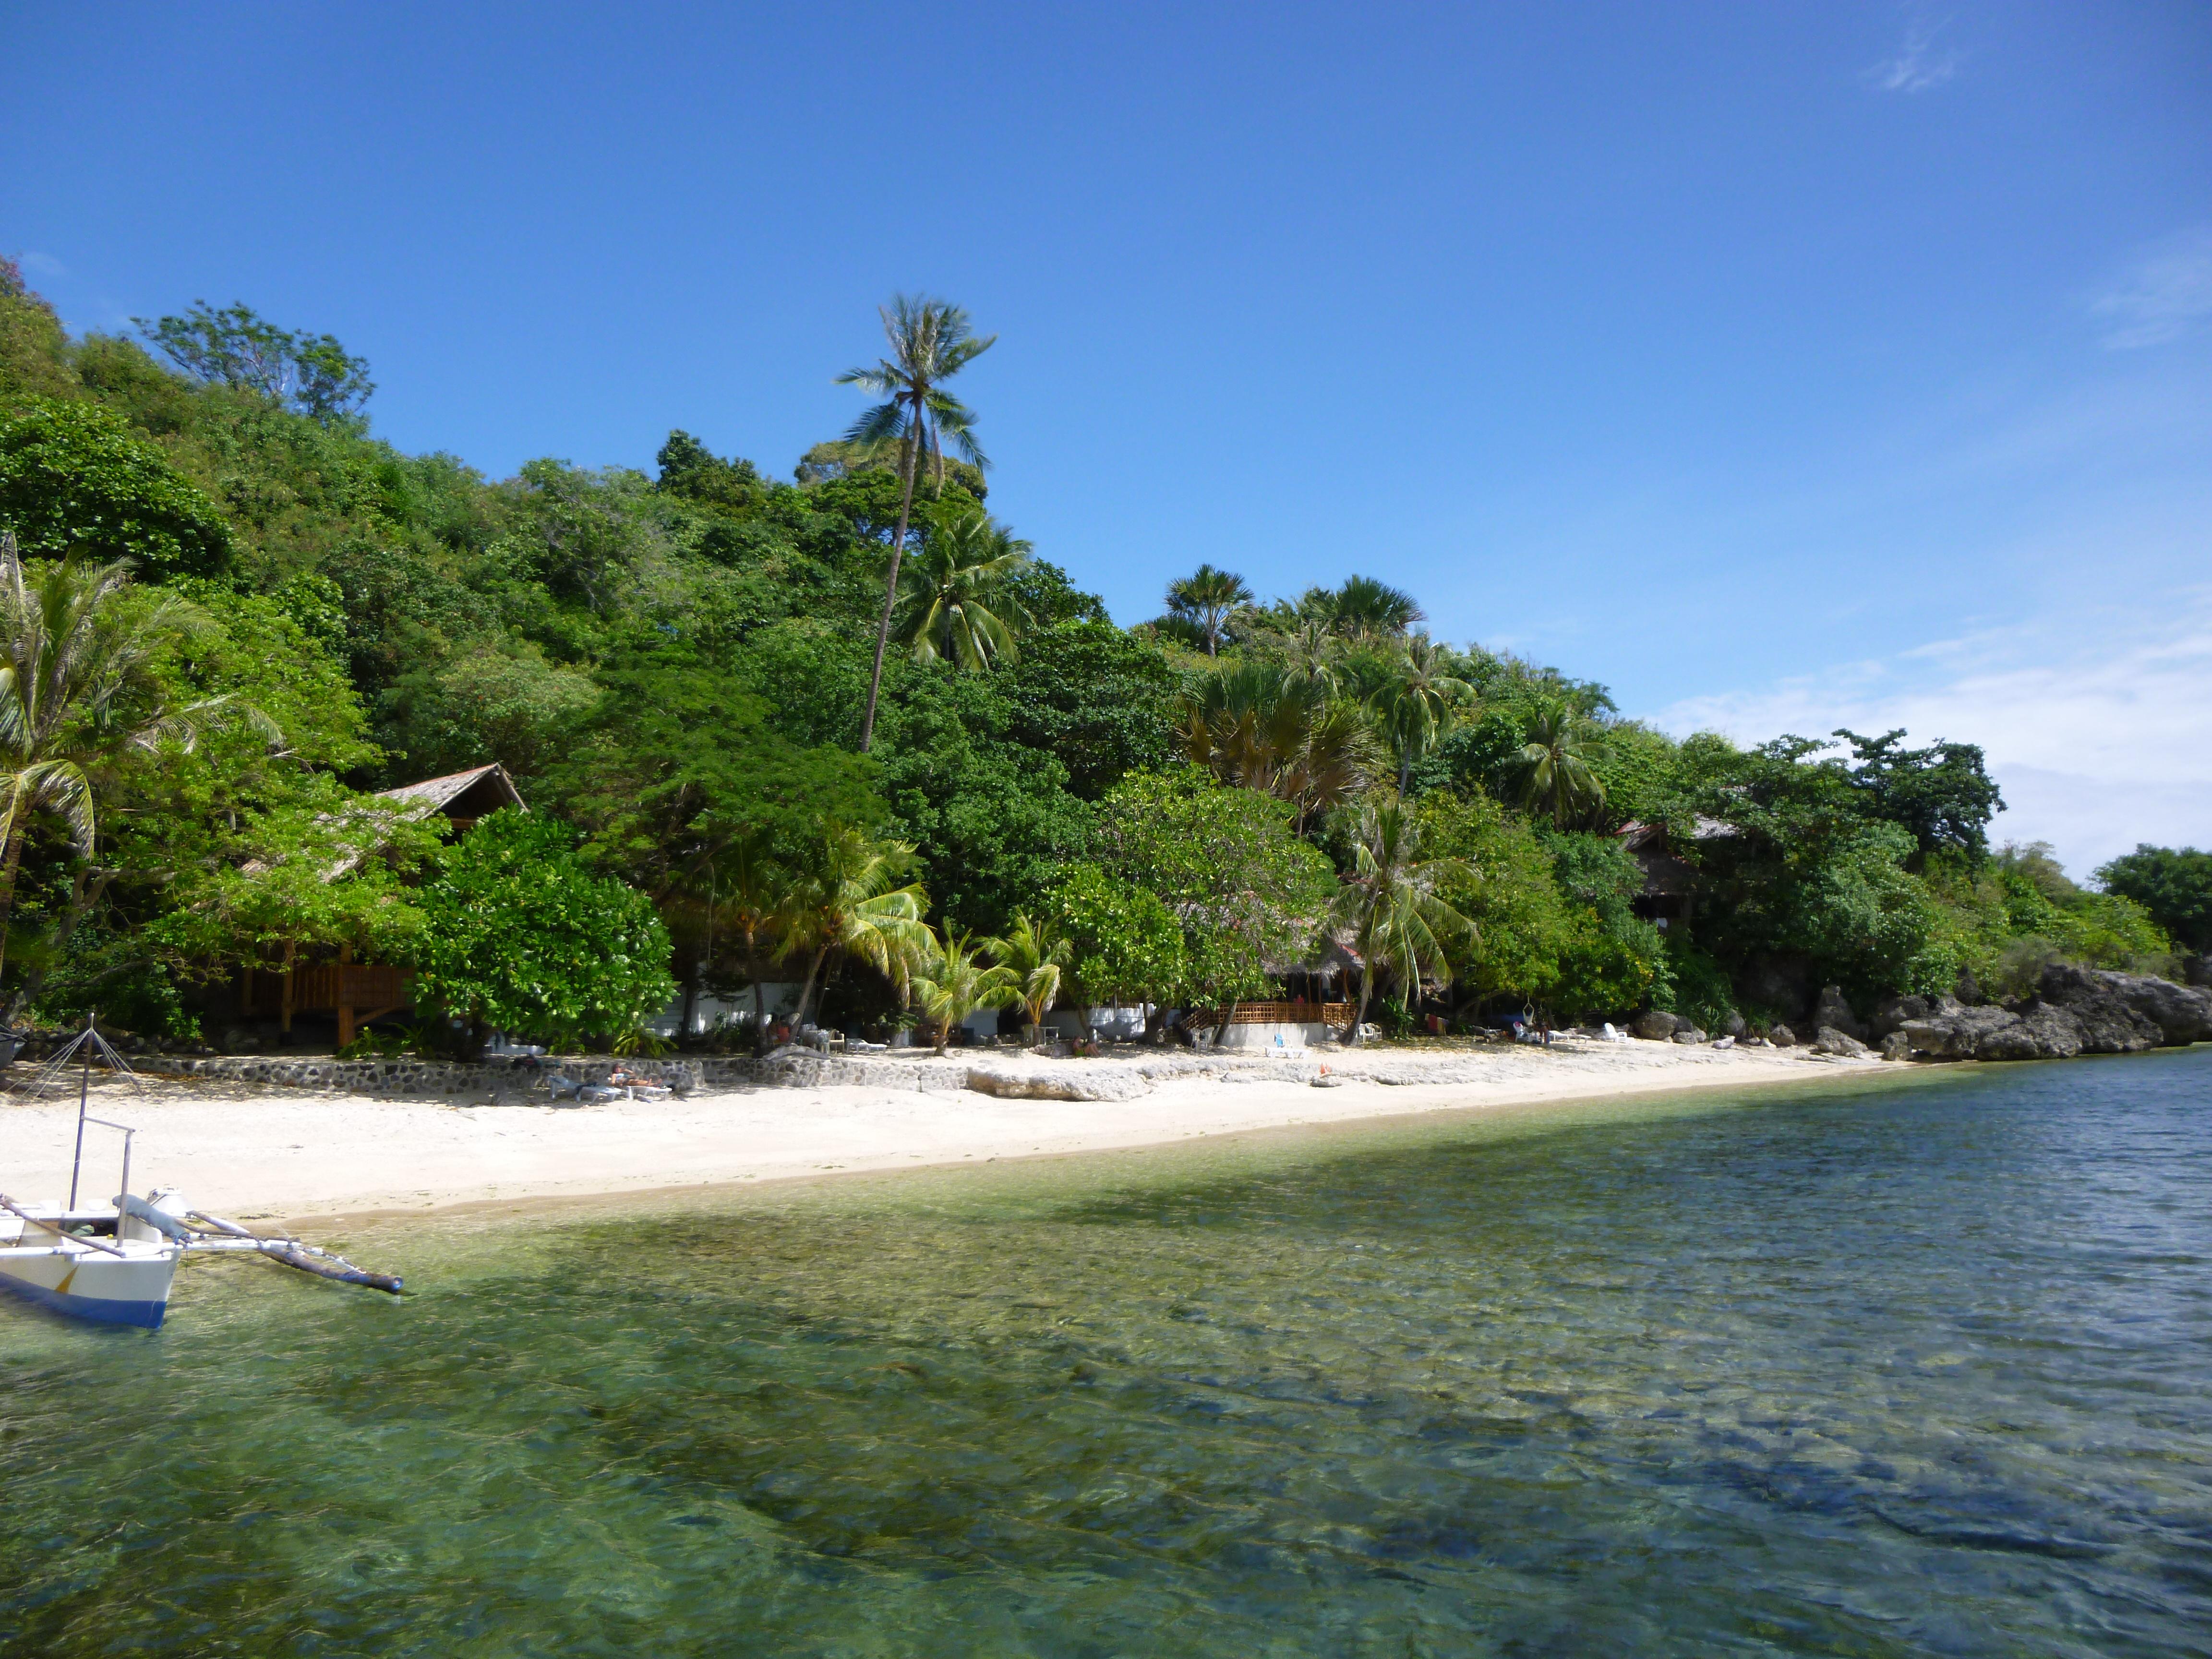 vers Antulang, une plage que nous aimons bien, habitations en bambou dans la végetation